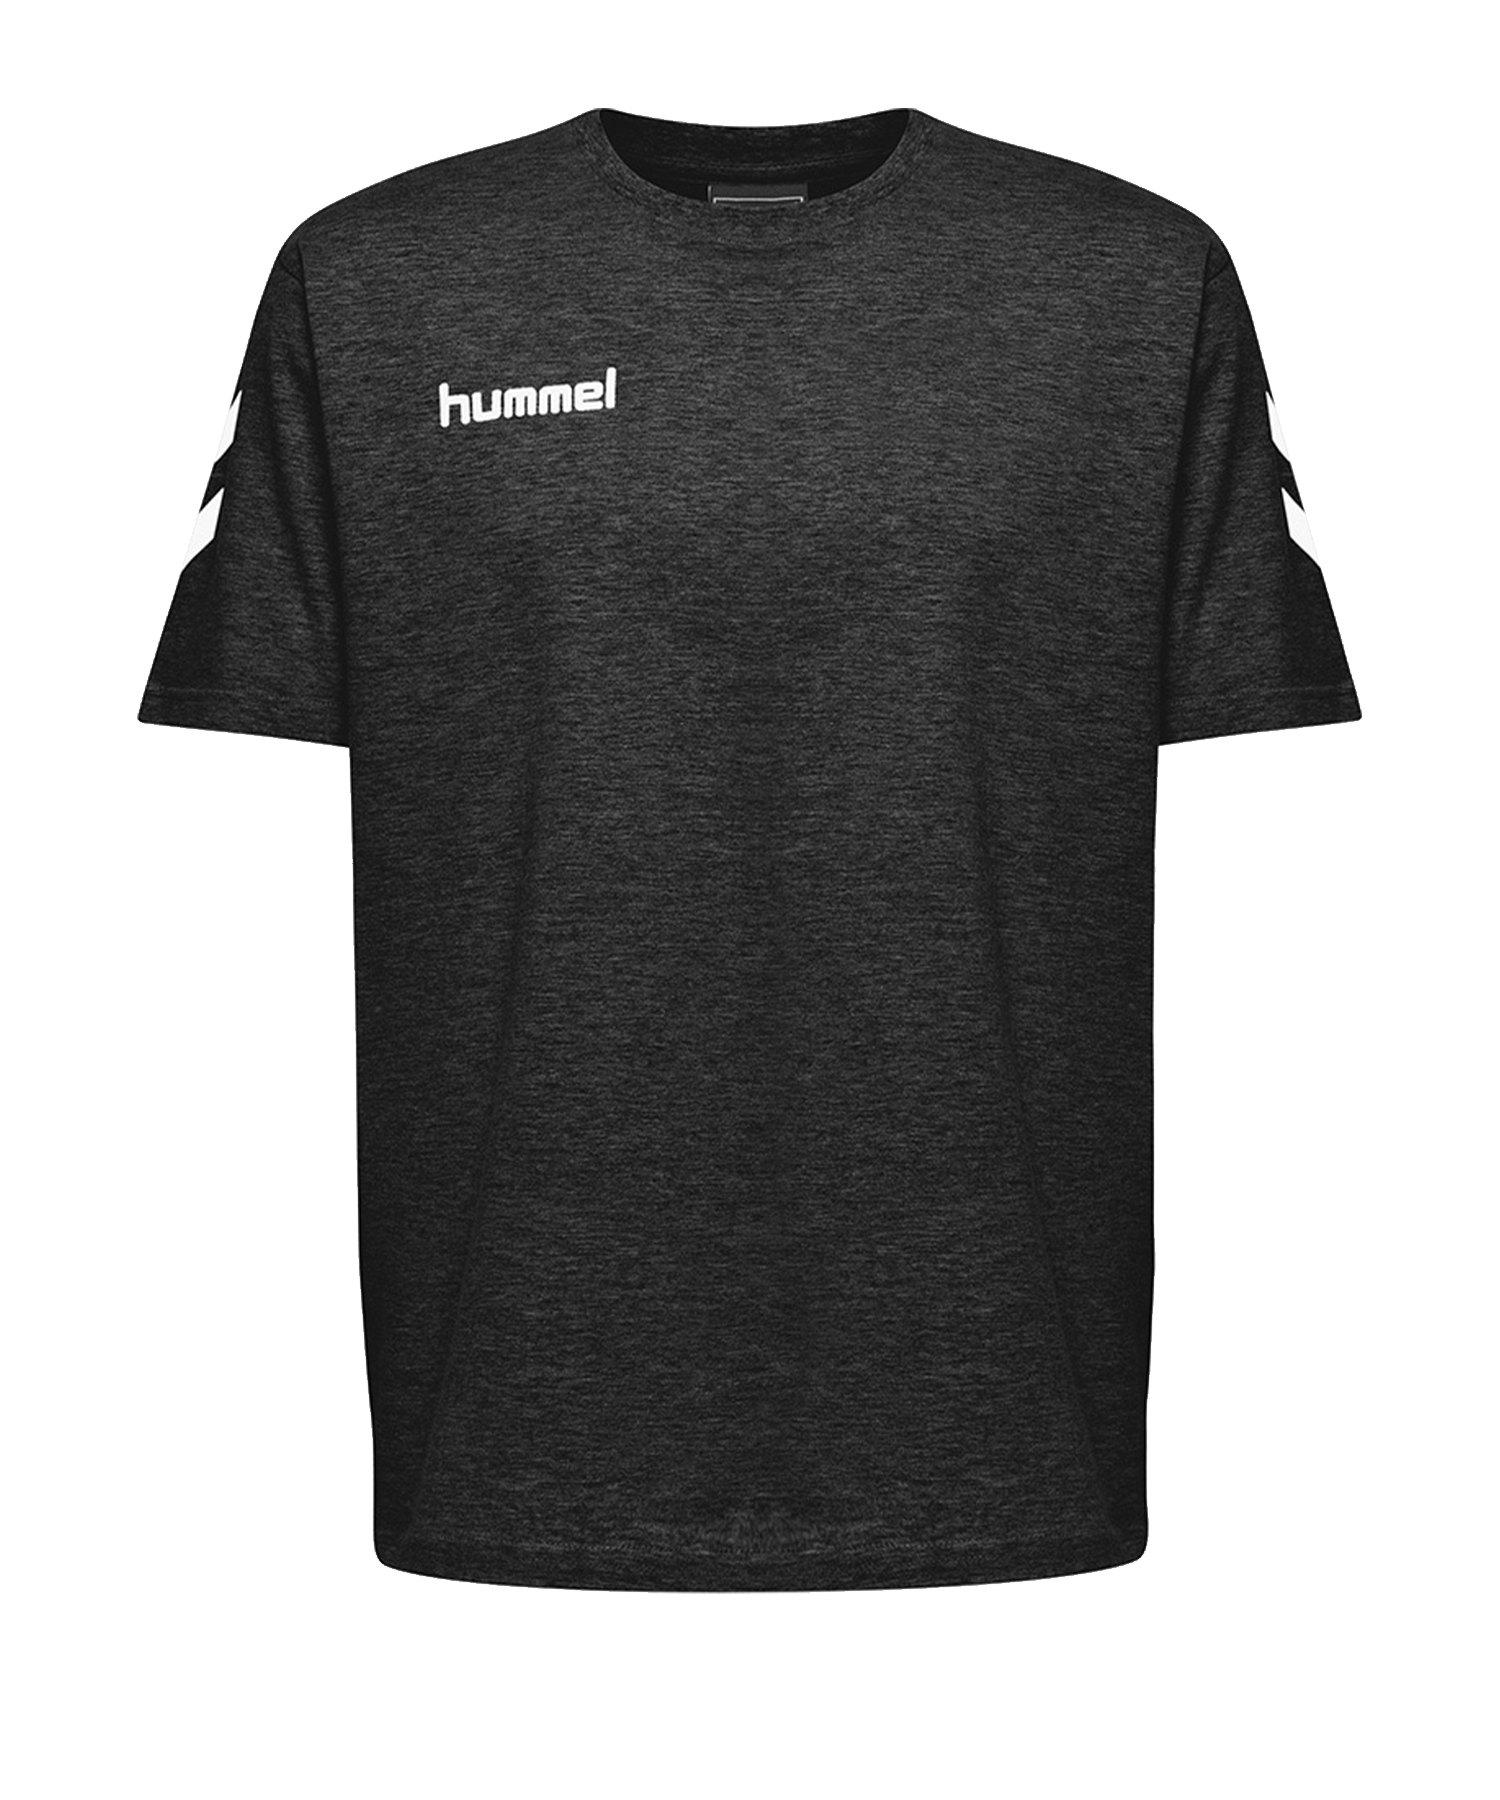 Hummel Cotton T-Shirt Kids Schwarz F2001 - Schwarz